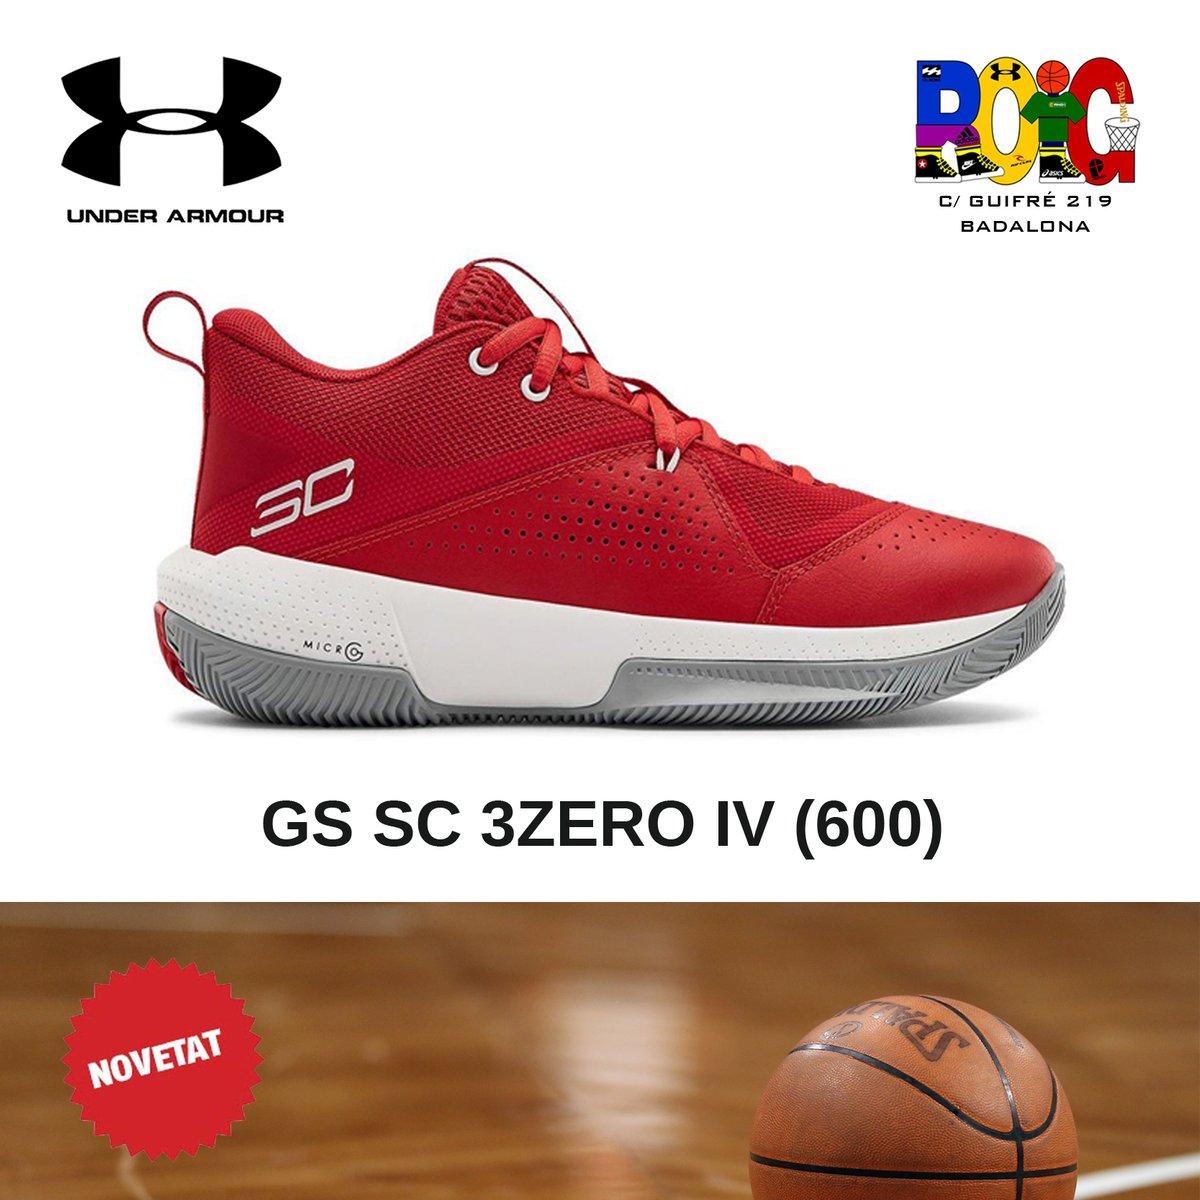 📢 NOVETATS en vambes 👟 de bàsquet 🏀️ junior: les Under Amour GS SC 3ZERO IV (600) Disponibles a la botiga o a la web 💻 en https://t.co/rjtvpbQRxJ #underarmour #bàsquet #jordiroig #badalona https://t.co/p2swkyPORe